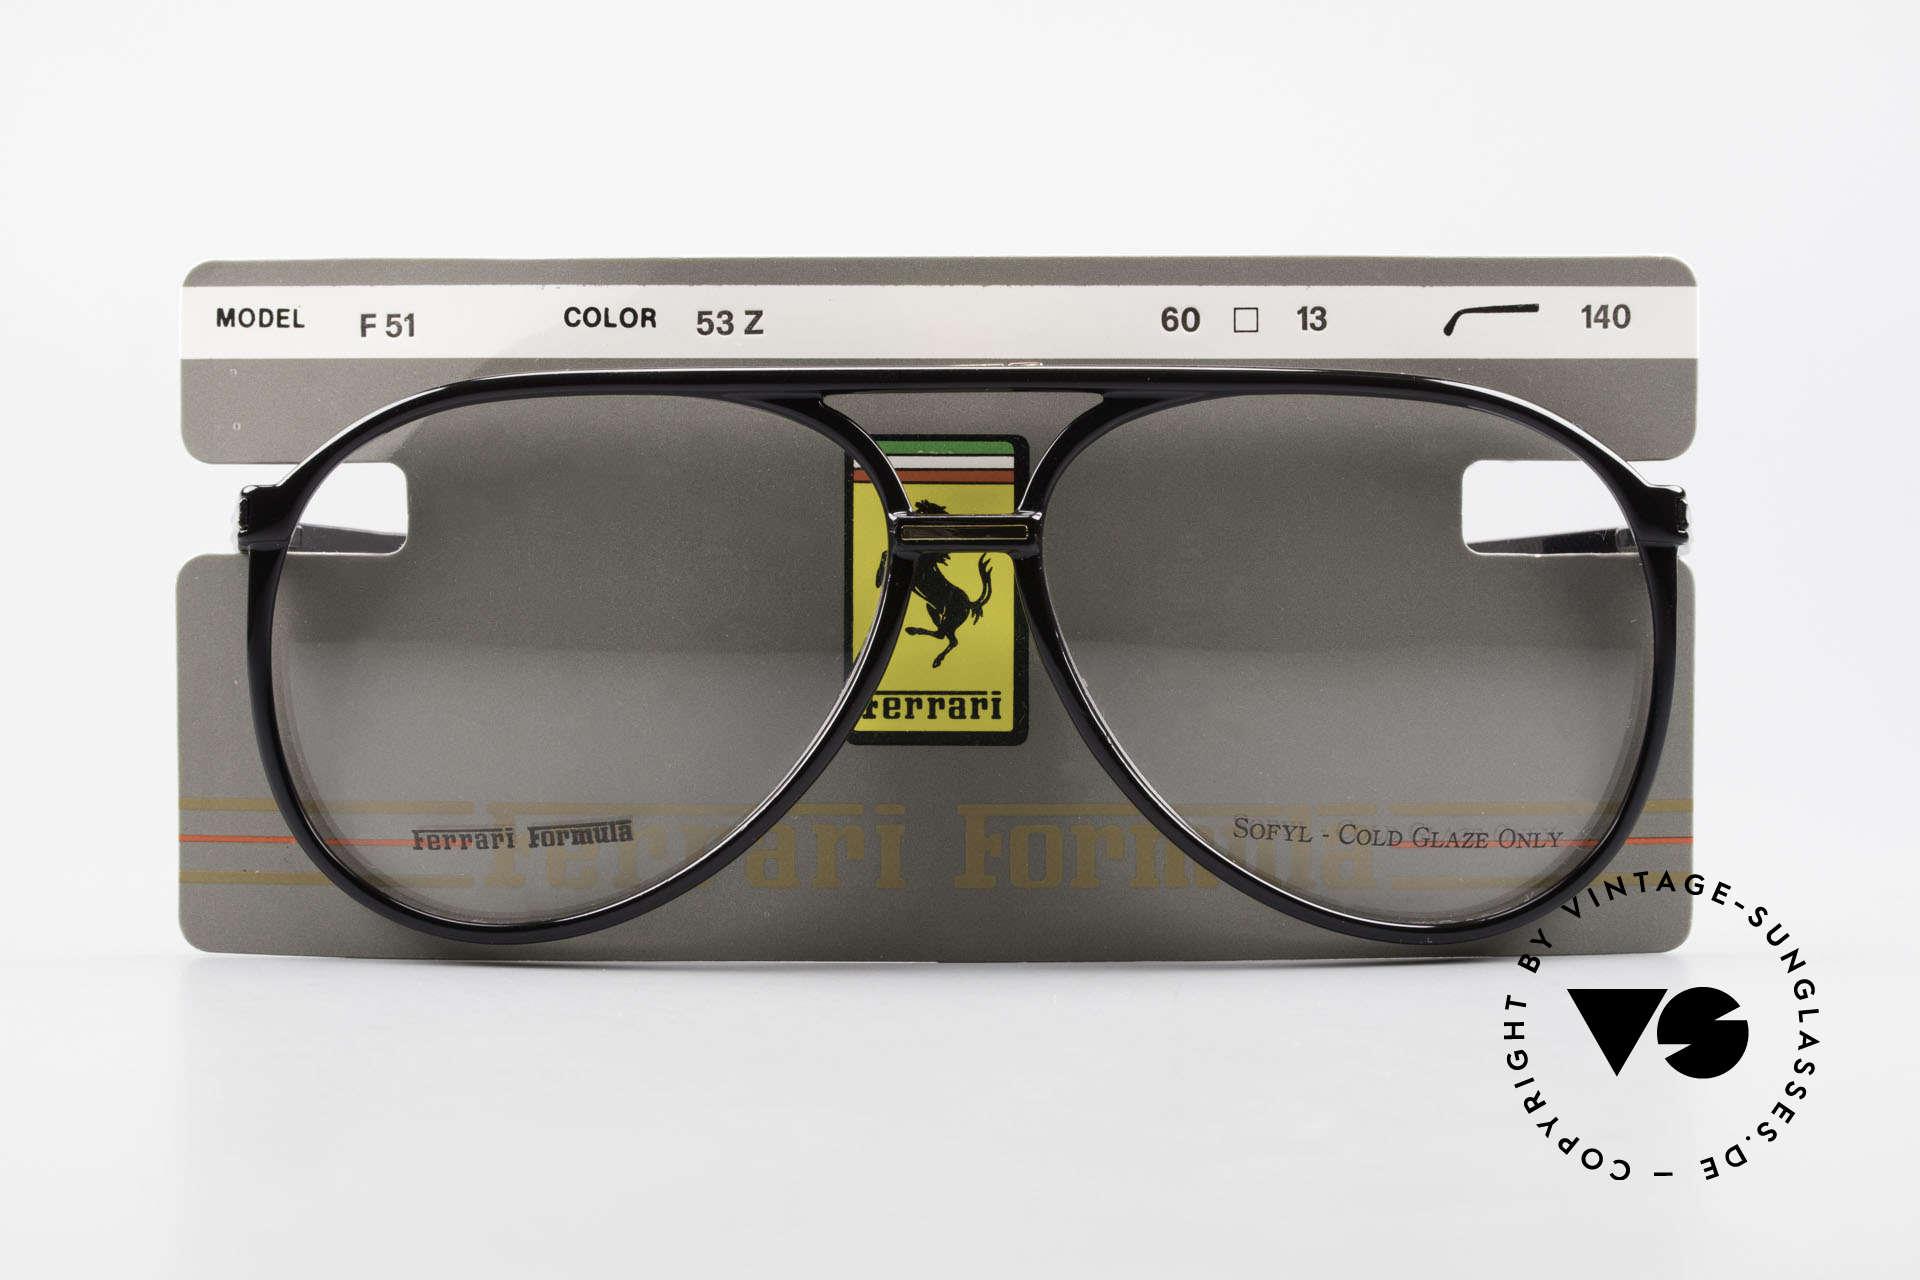 Ferrari F51 Formel 1 Rennfahrer Brille, Größe: large, Passend für Herren